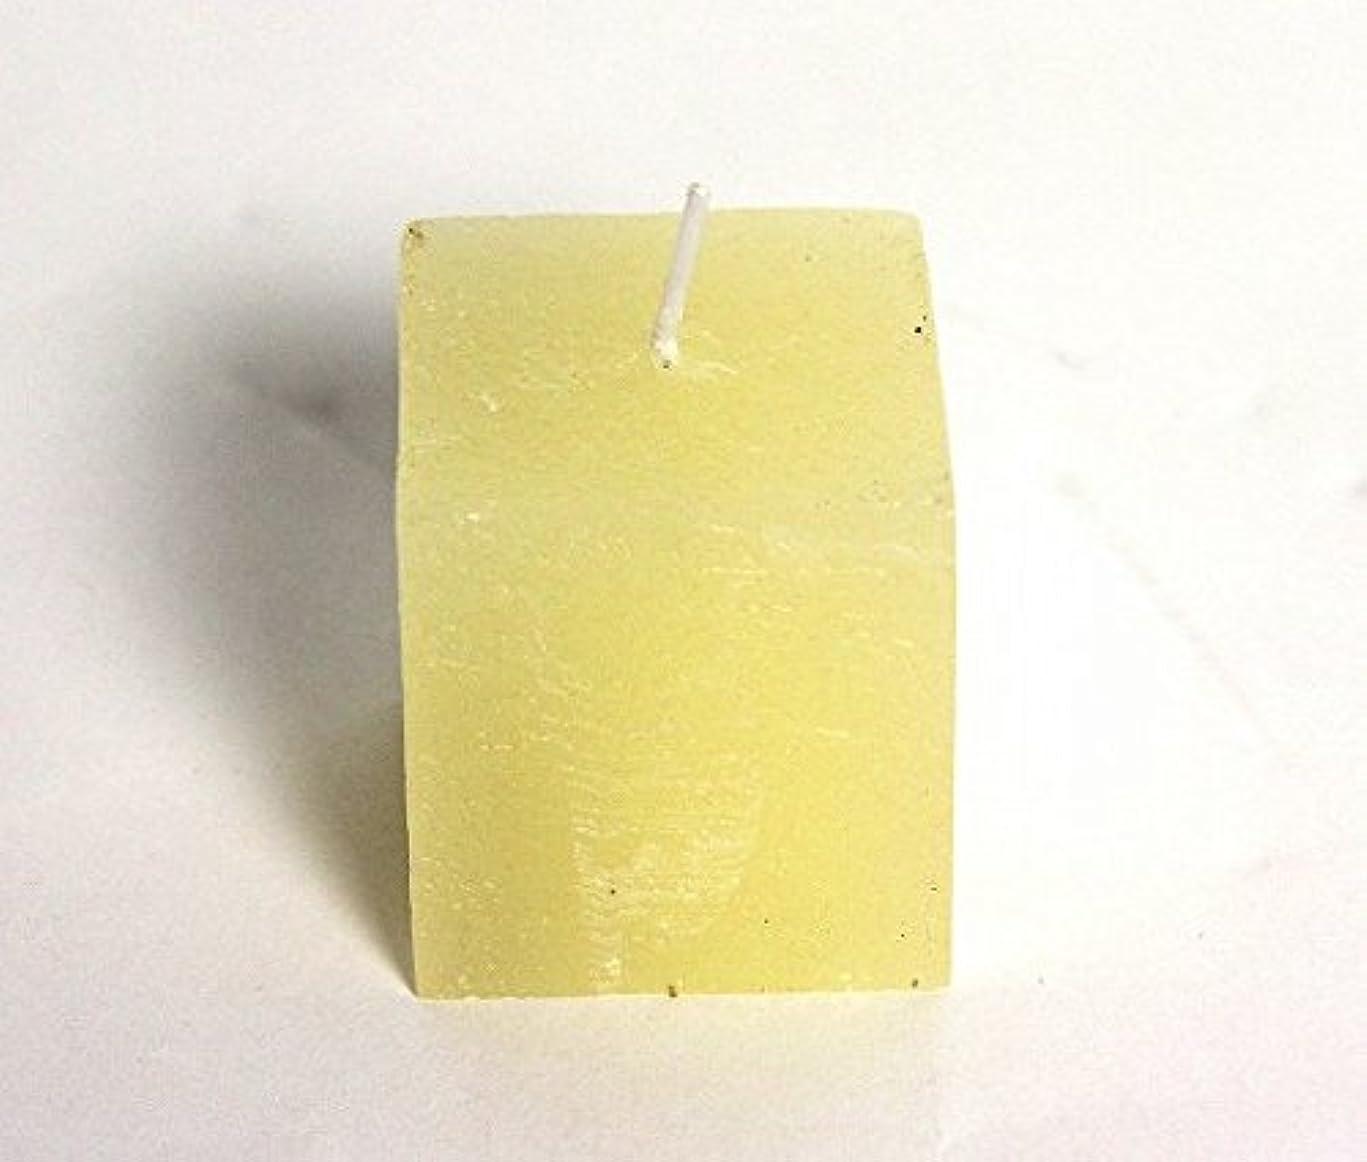 浴室長椅子壮大kameyama candle(カメヤマキャンドル) ラスティクミニキューブ 「 アイボリー 」(A4921000IV)